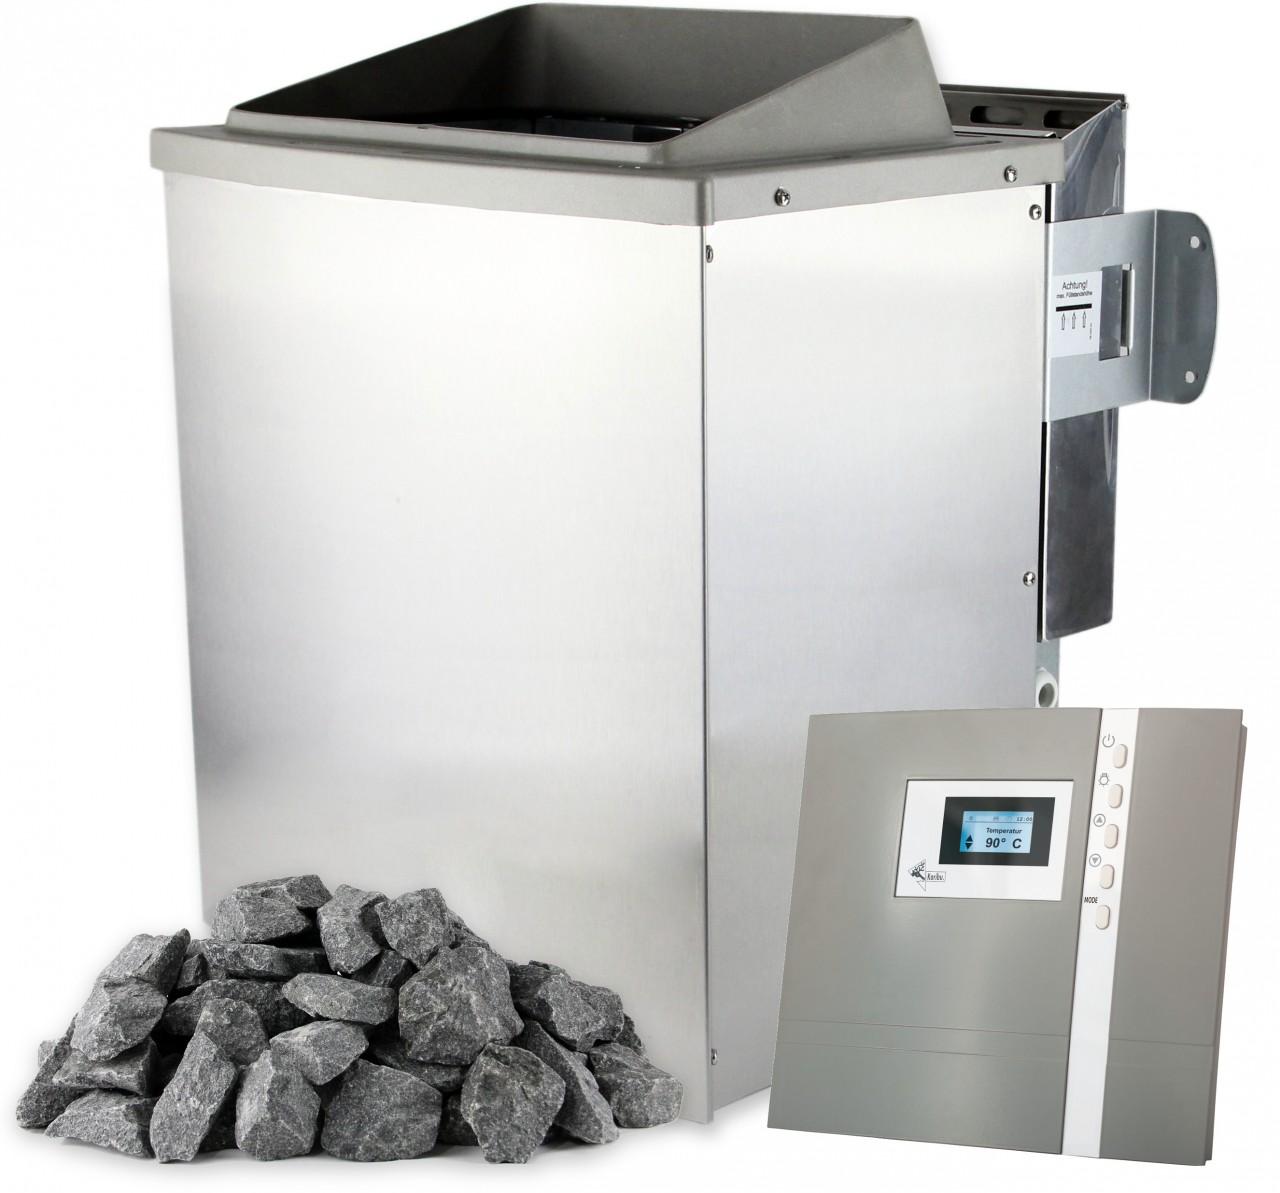 Saunaofen 9 kW PREMIUM mit Saunasteuerung Saunasteine Verdampfer - Bio-Ofen 9 kW mit Verdampfer